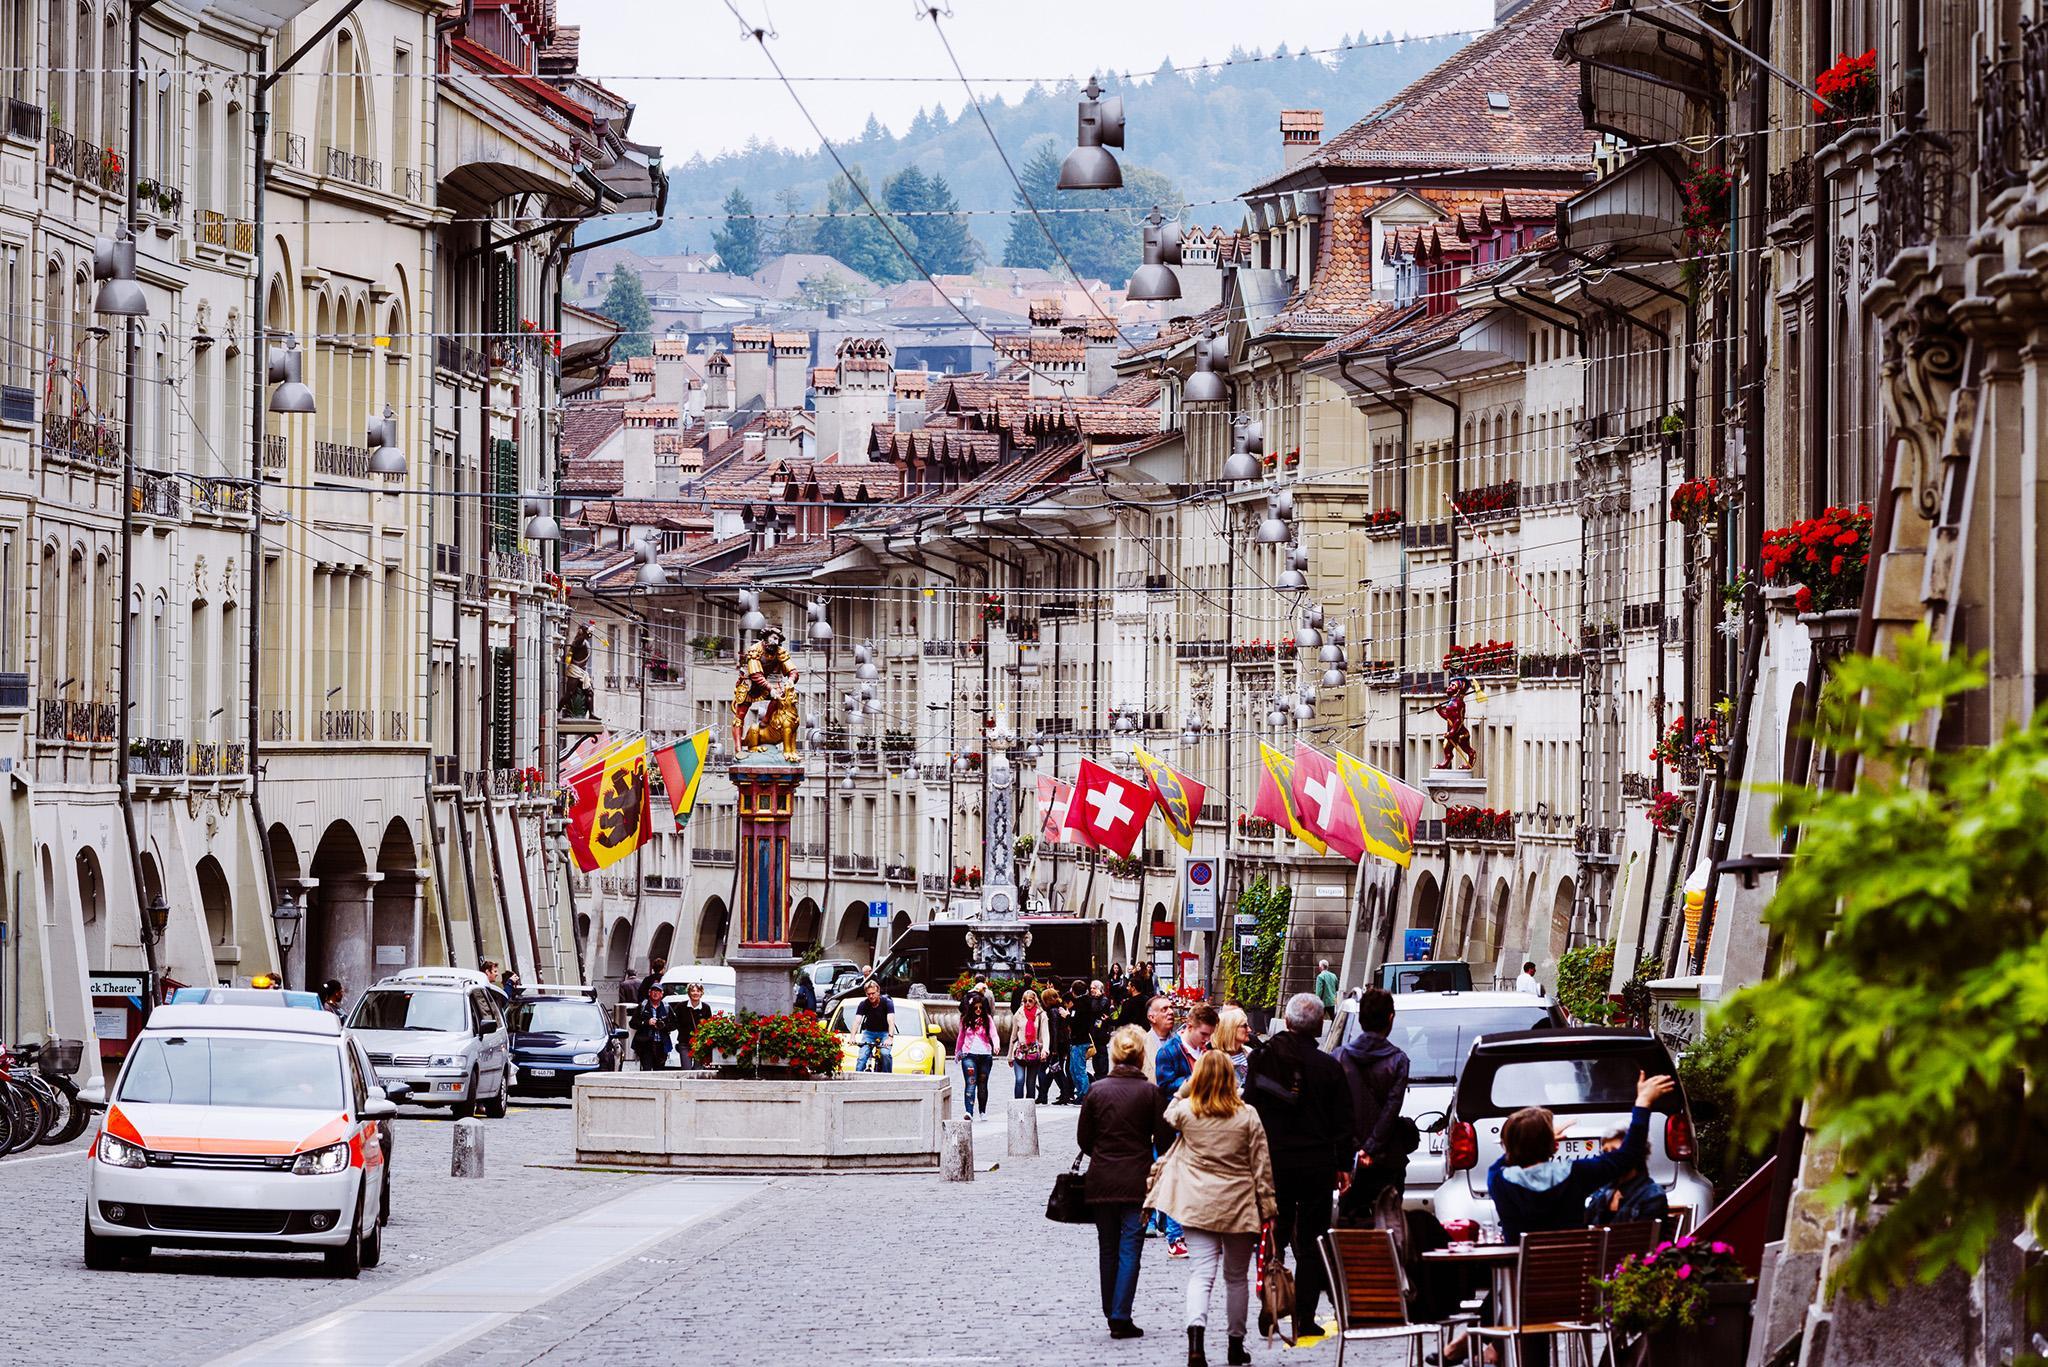 14. Bern, Switzerland